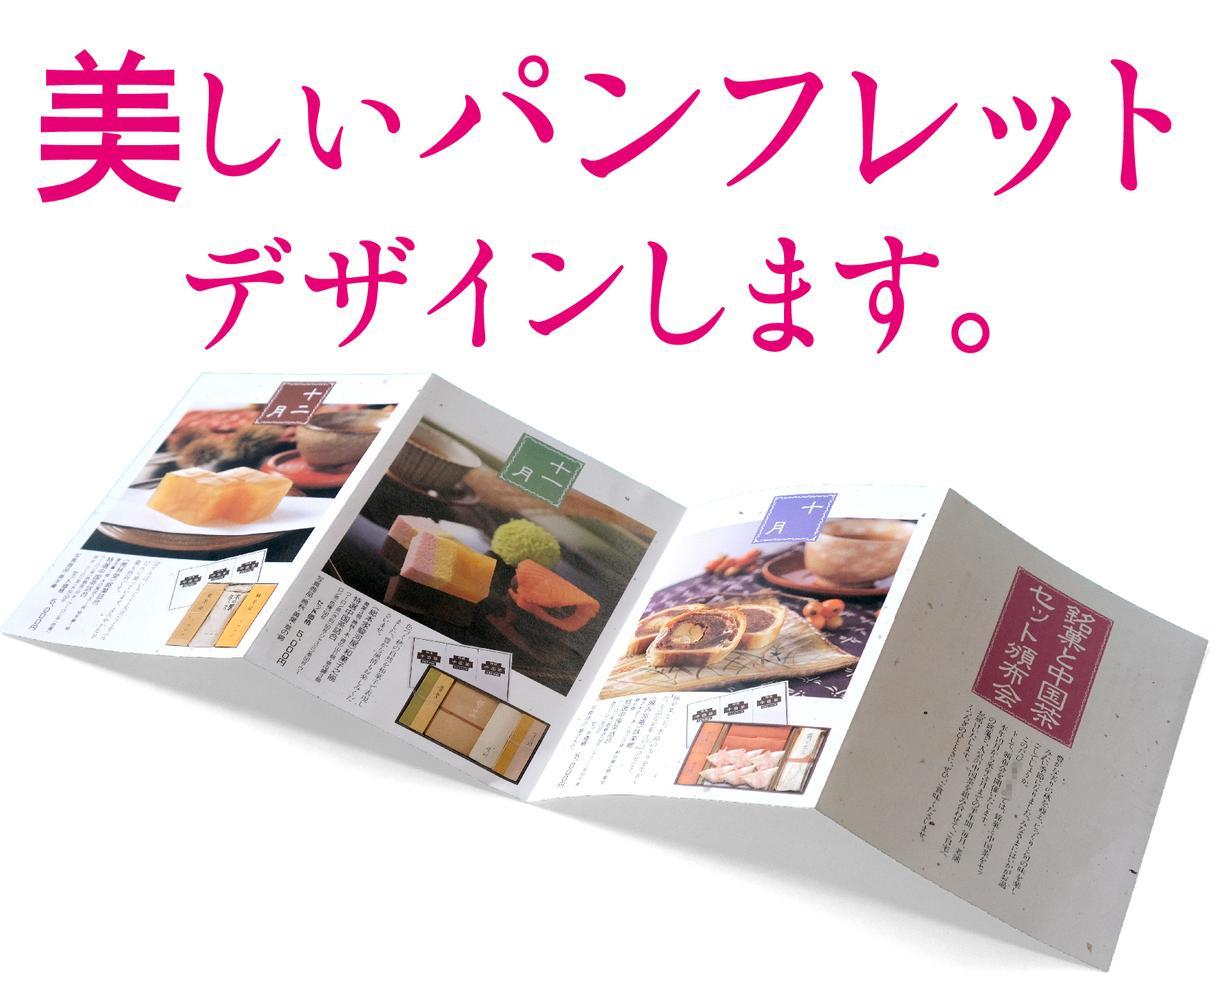 美しいパンフレット デザインします コンサートのプログラム、ショップ案内、会社案内など イメージ1